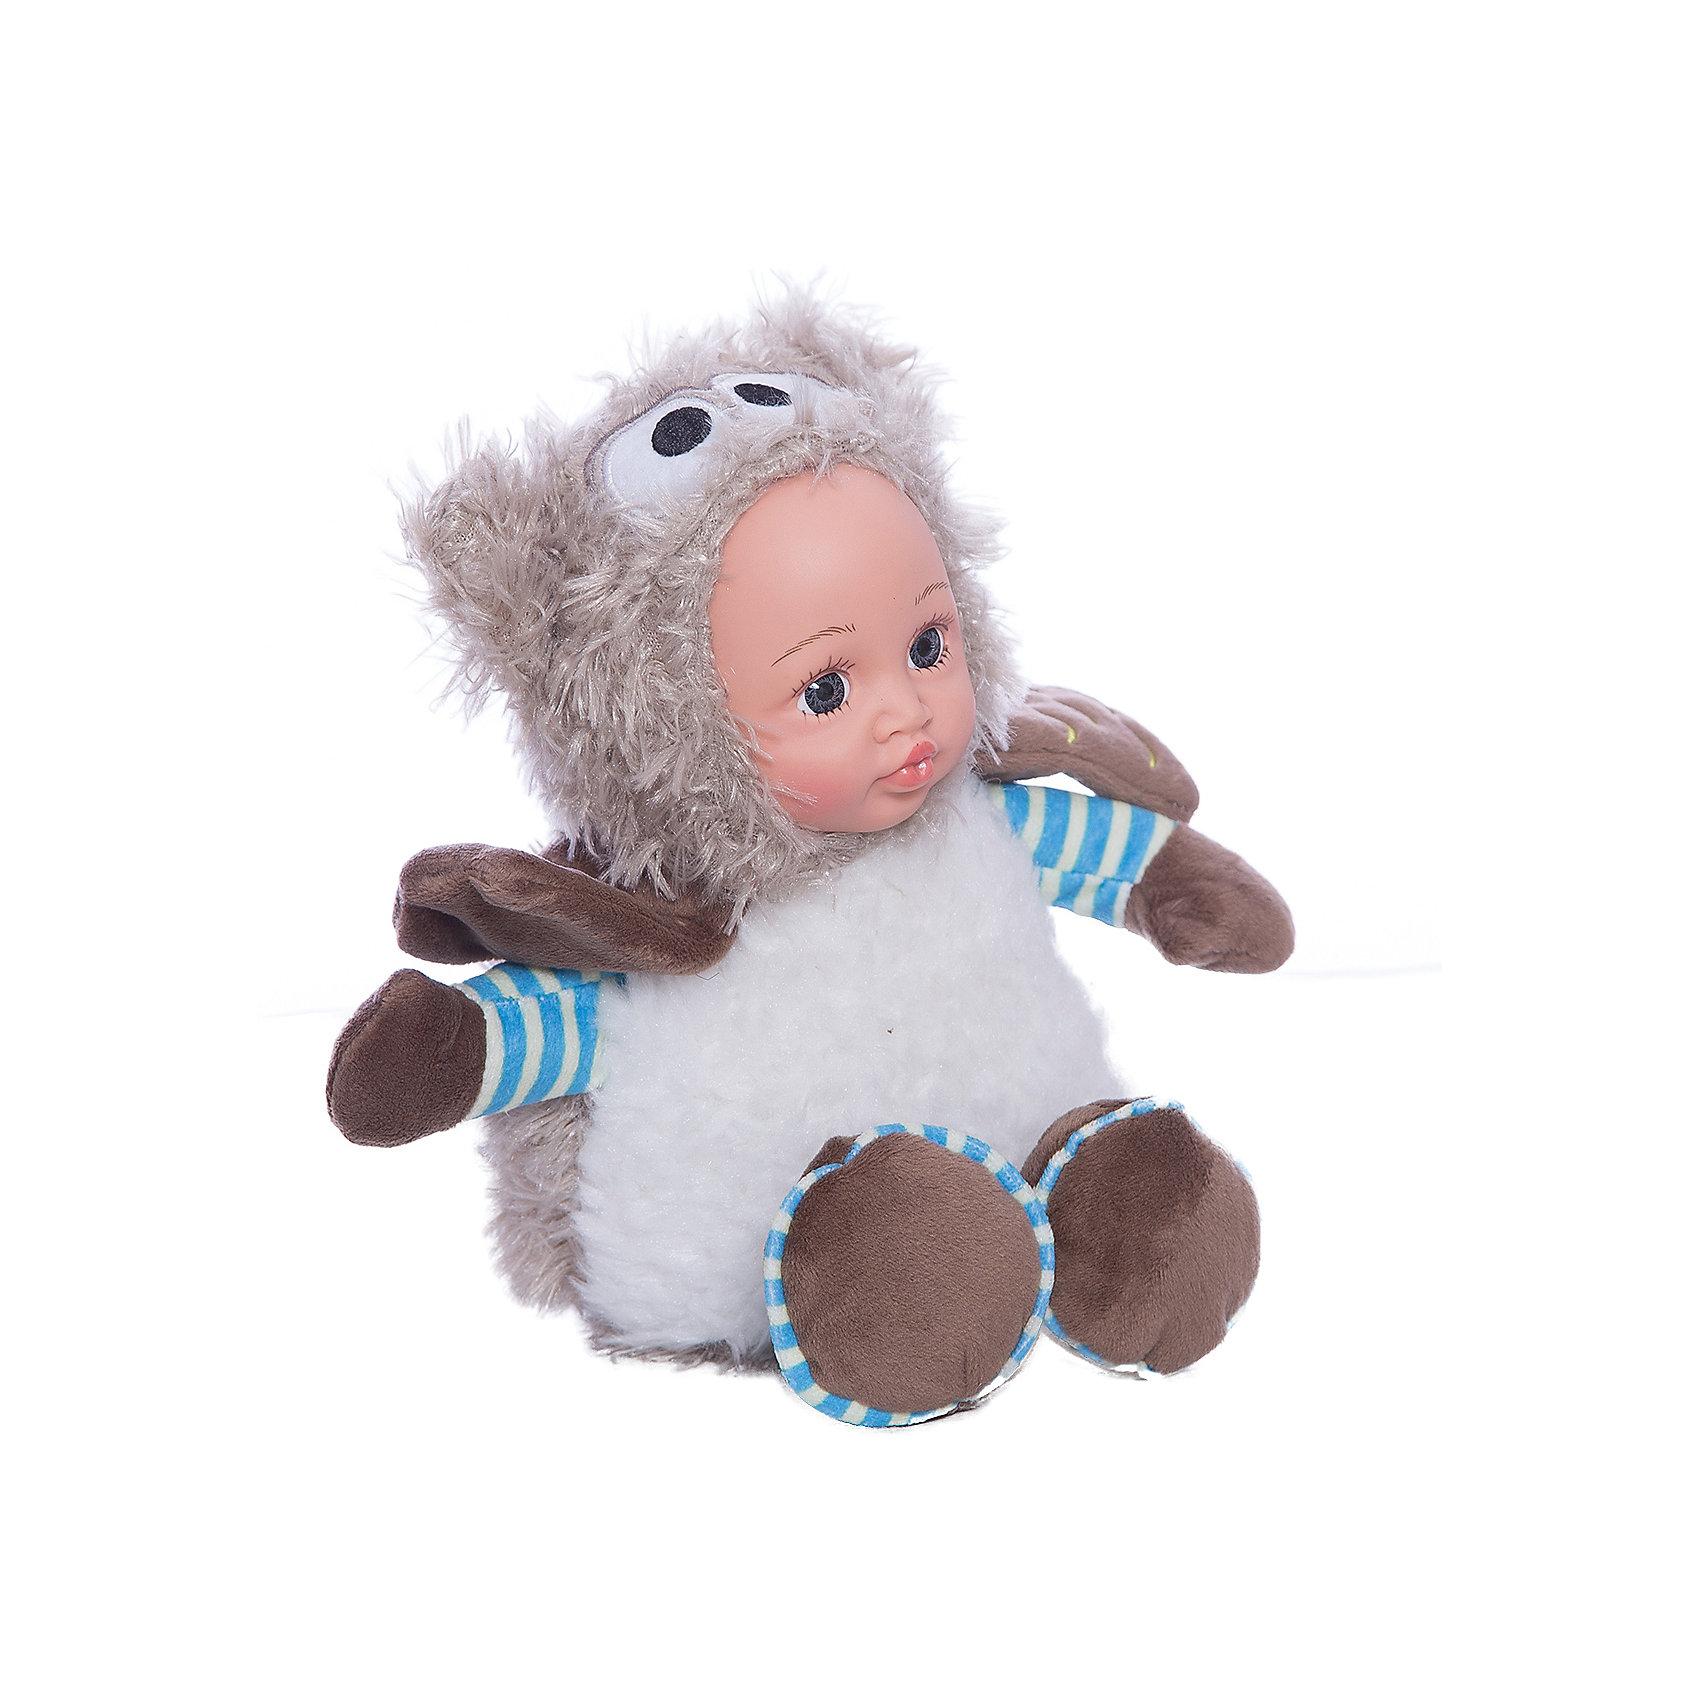 Игрушка Мой совенок, Fluffy FamilyМягкие куклы<br>Игрушка «мой совенок» - милая вариация стандартной куклы–младенца. Малыш выполнен из пластика и тщательно прорисованным личиком. Одета кукла в костюм совенка. Ткань приятна на ощупь и малышу понравится играть с куклой. Игрушка подходит для одиночной игры малыша и для игр в компании. Не содержит мелких деталей. Кукла из коллекционной серии. Соберите весь набор! Материалы, использованные при изготовлении товара, абсолютно безопасны и отвечают всем международным требованиям по качеству.<br><br>Дополнительные характеристики:<br><br>материал: ПВХ, искусственный мех, пластик;<br>габариты: 20 X 9 X 30 см;<br>наполнитель: полиэтиленовые гранулы.<br><br>Игрушку Мой совенок от компании Fluffy Family можно приобрести в нашем магазине.<br><br>Ширина мм: 570<br>Глубина мм: 580<br>Высота мм: 450<br>Вес г: 140<br>Возраст от месяцев: 36<br>Возраст до месяцев: 96<br>Пол: Унисекс<br>Возраст: Детский<br>SKU: 5032468